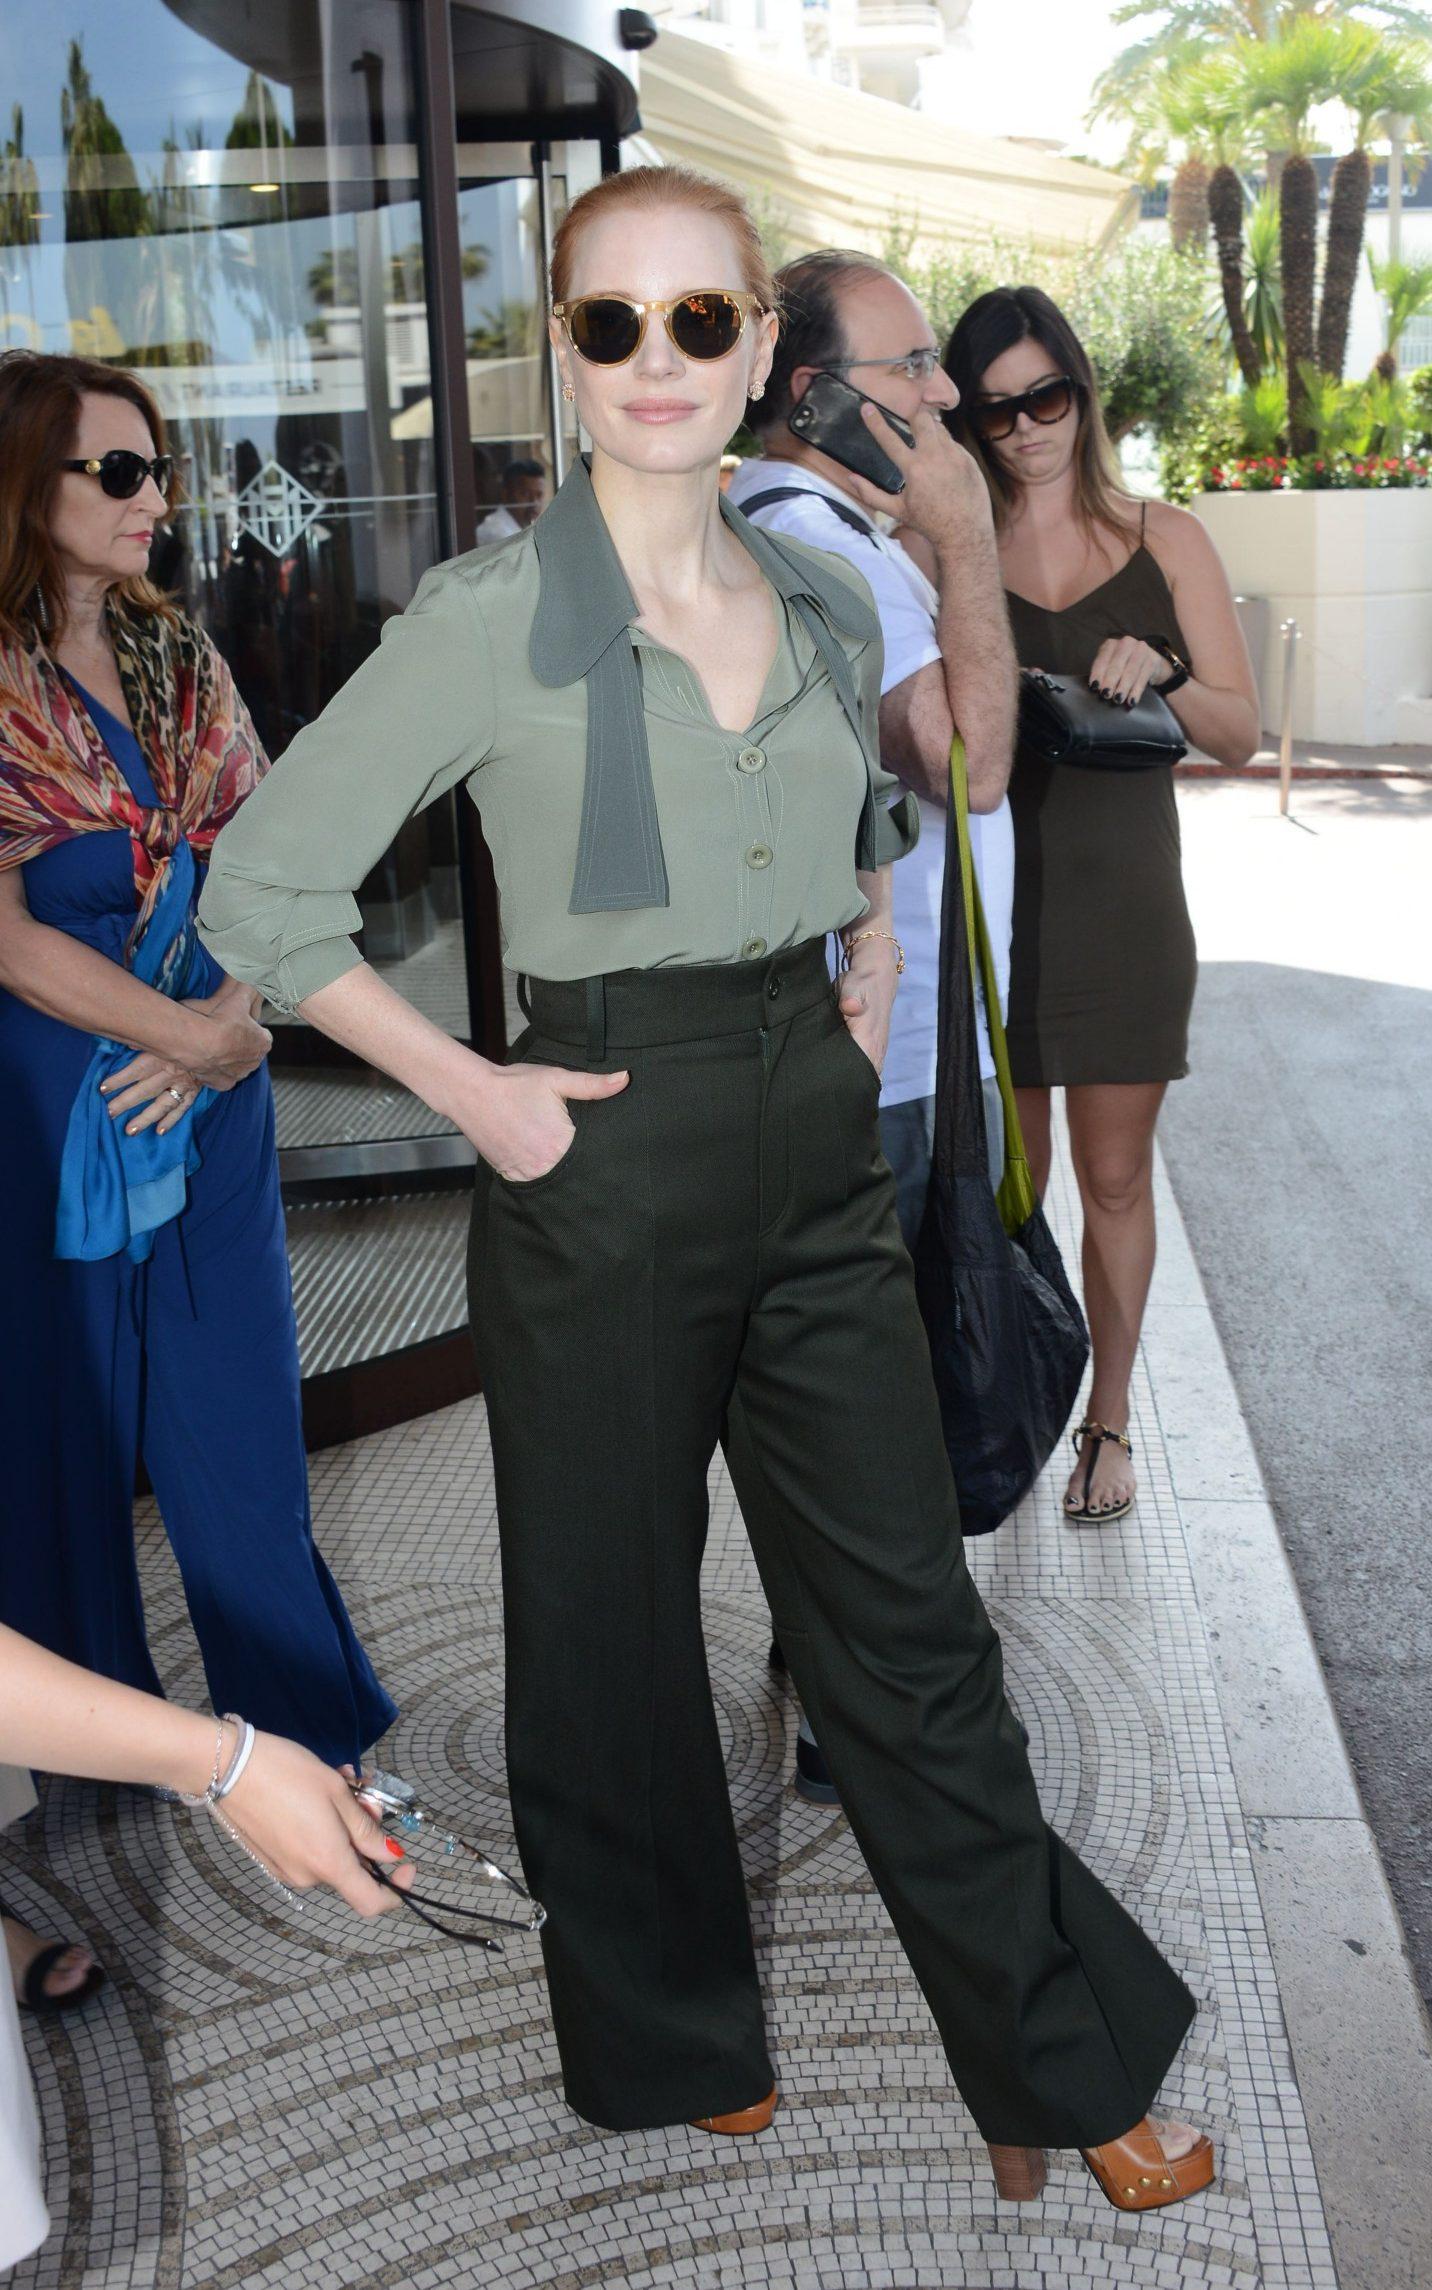 Jessica Chastain khoe khéo phong cách thời trang lịch lãm với áo sơmi xanh rêu, quần âu, giày cao gót đến dày và kính mát